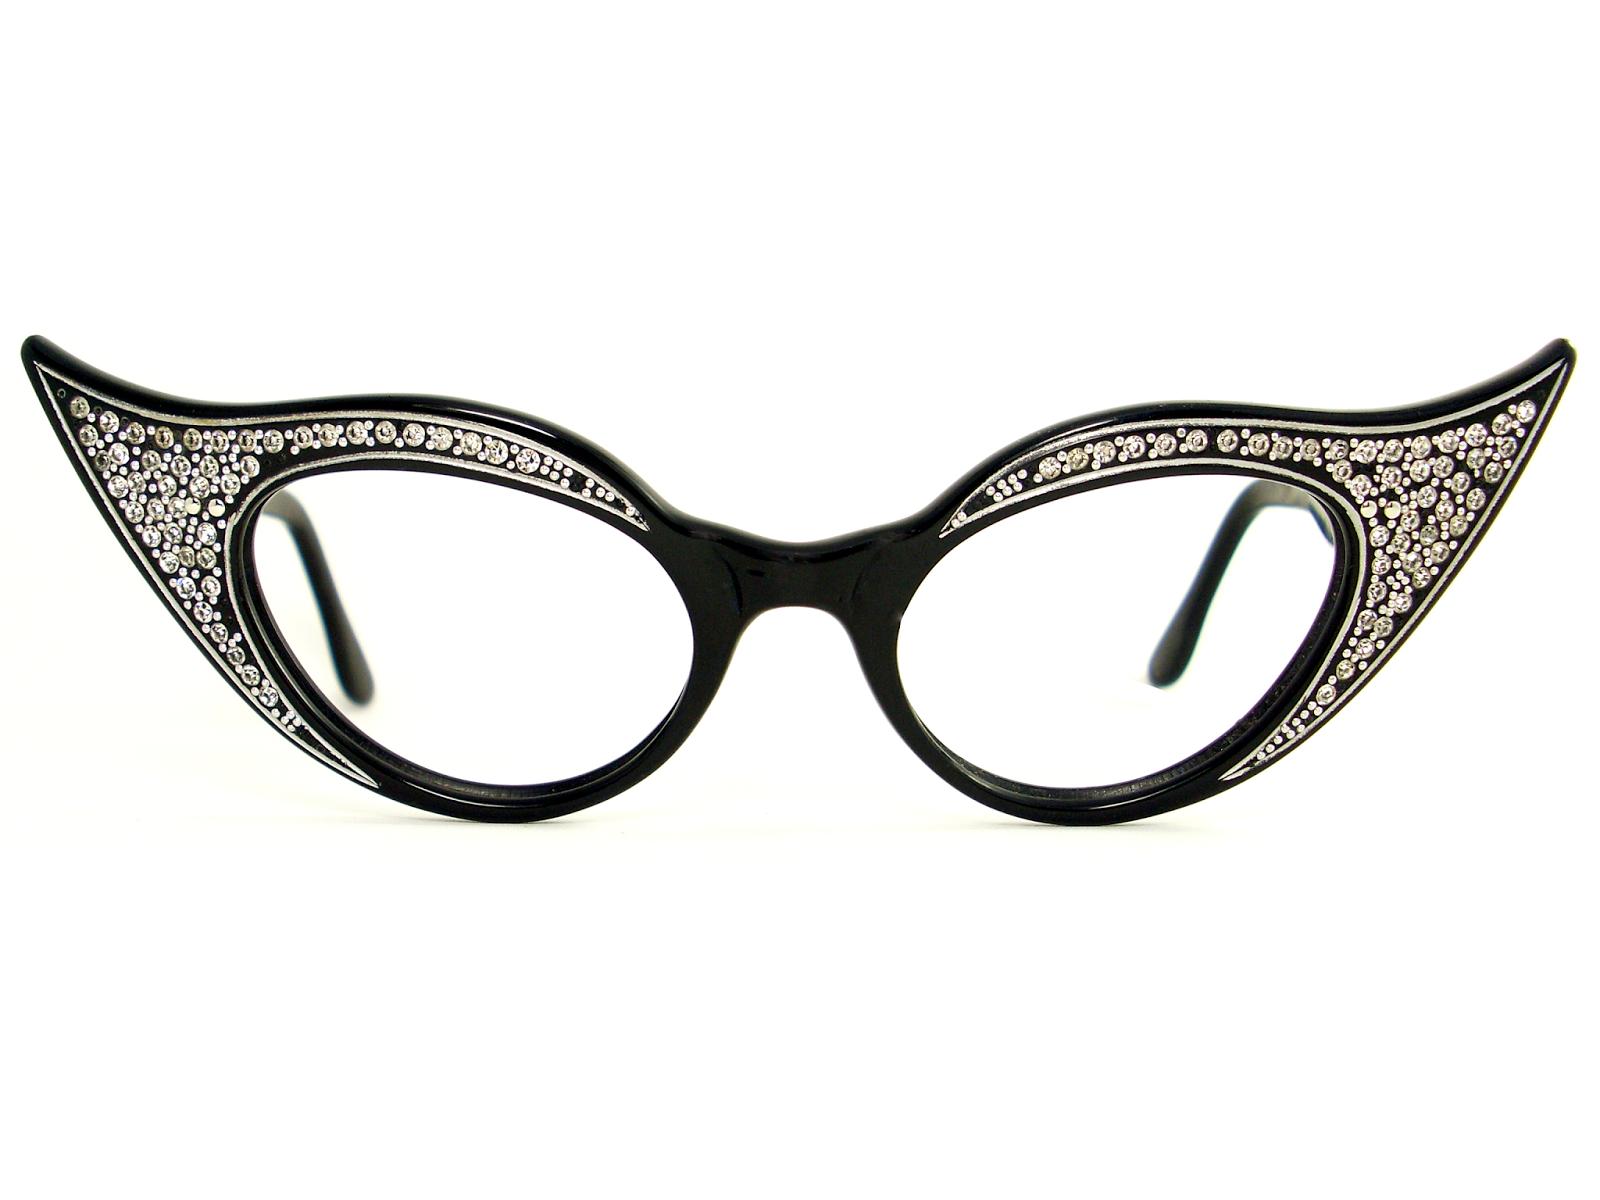 vintage eyeglasses frames eyewear sunglasses 50s july 2014